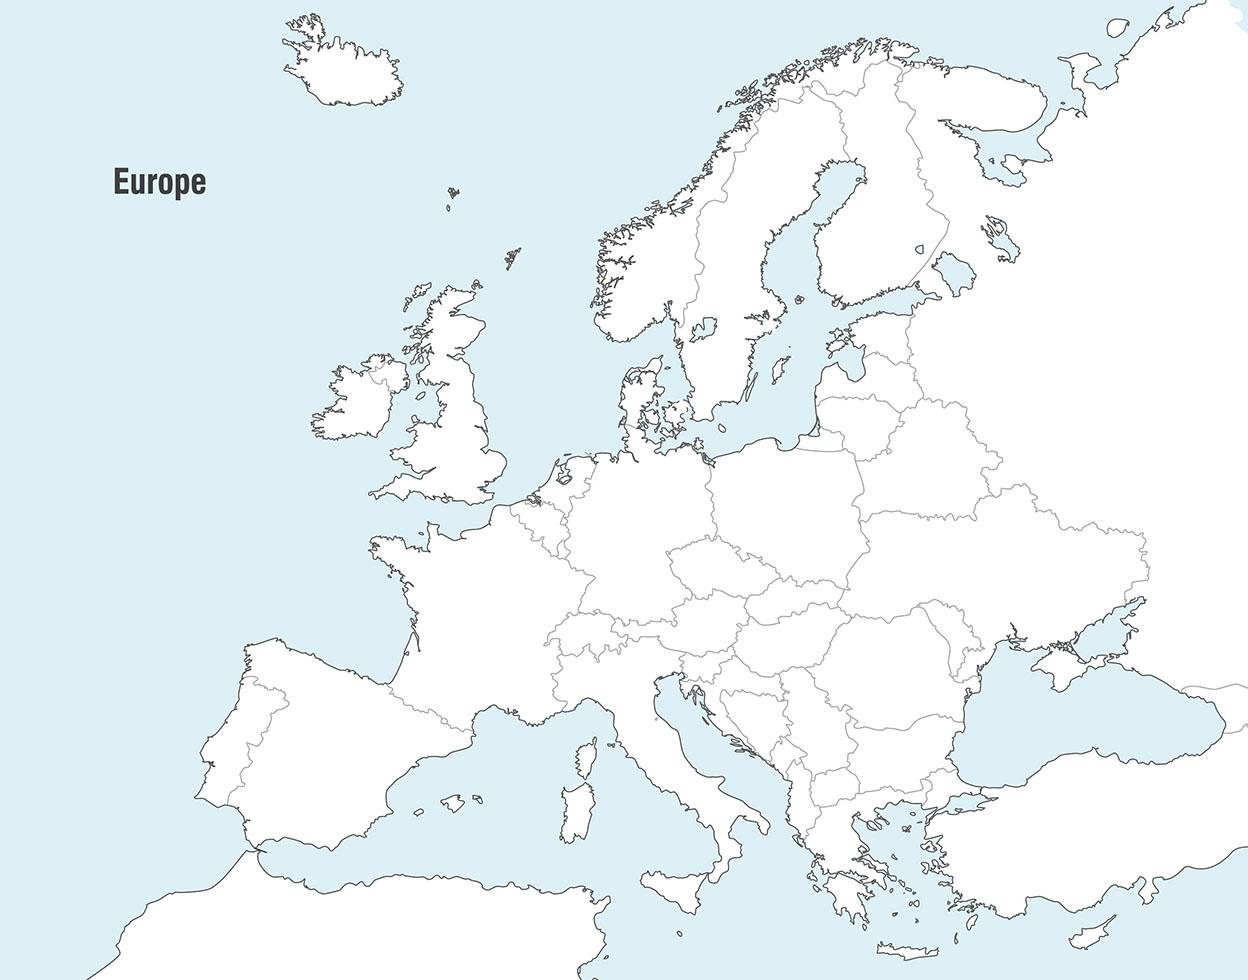 Cartina Mondo Vettoriale Gratis.Mappe Vettoriali Dell Europa 5918 Scarica Immagini Vettoriali Gratis Grafica Vettoriale E Disegno Modelli